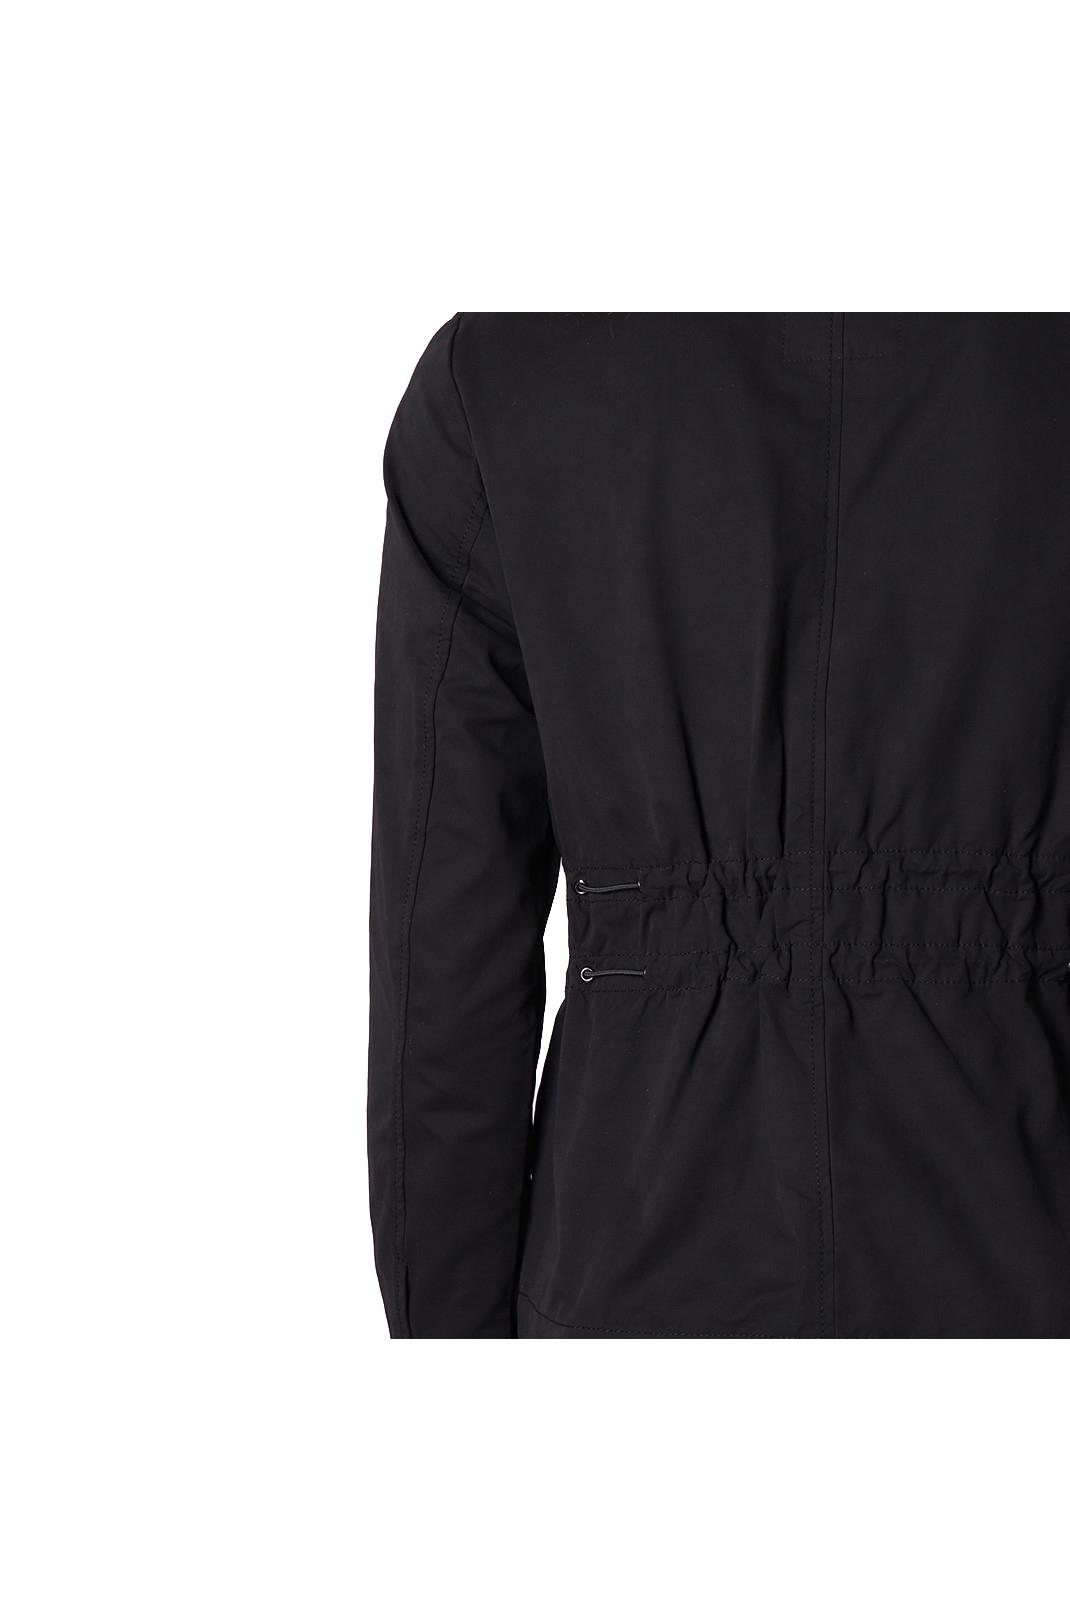 Vestes & blousons  Kaporal FOFI BLACK